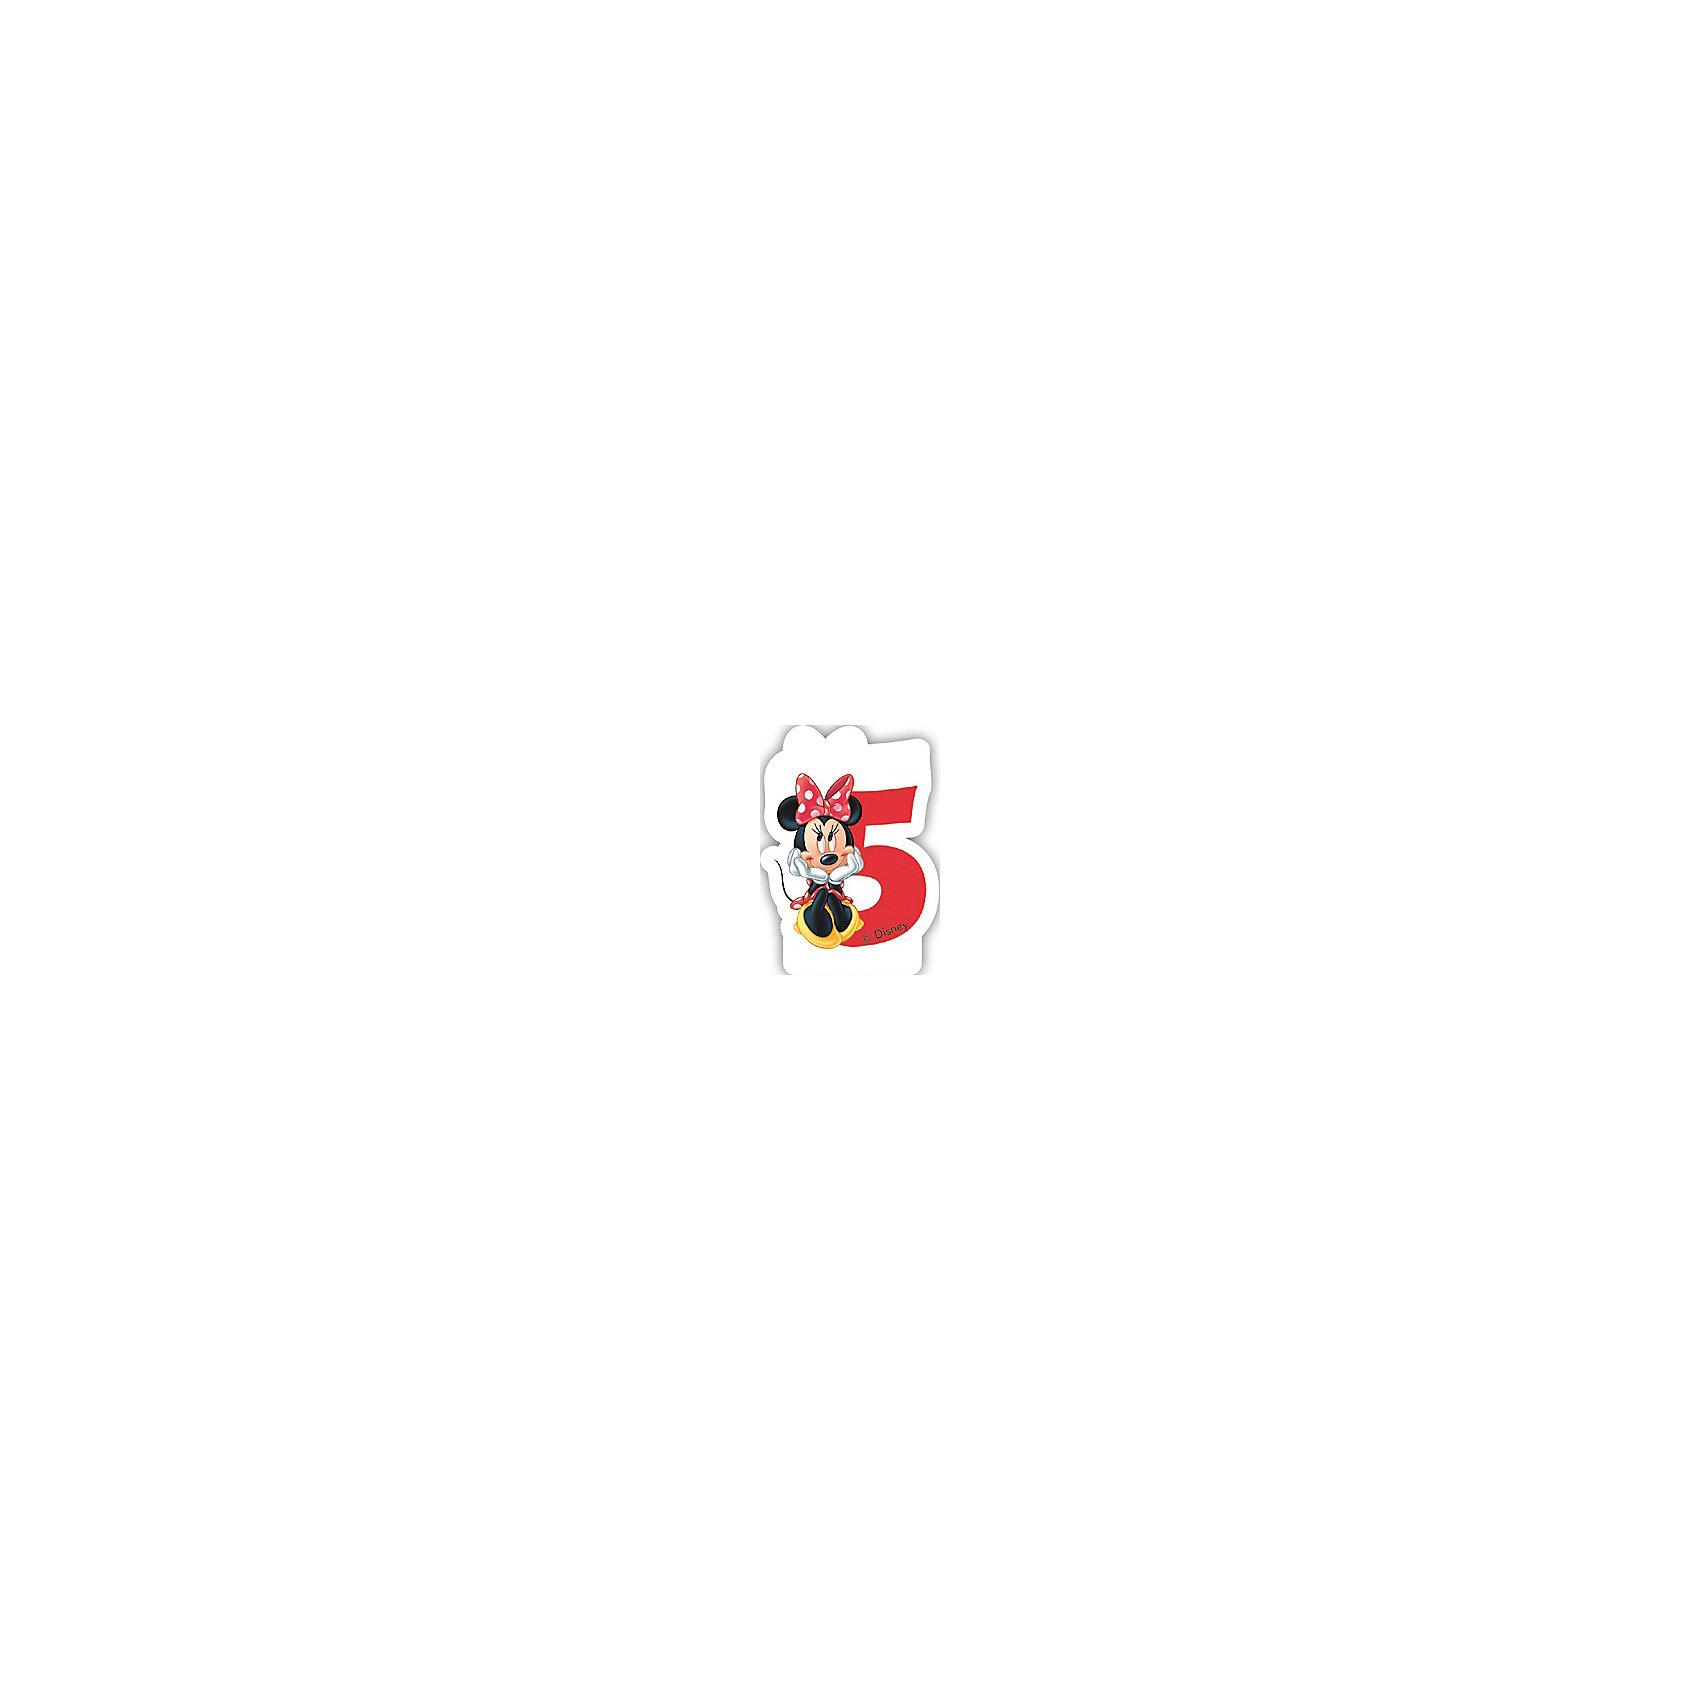 Объемная свечка Кафе Минни 5 летМинни Маус<br>Объемная свечка Кафе Минни,  украсит праздничный торт Вашей малышки на ее 5-летие. Свечка выполнена в форме цифры 5 с фигуркой веселой мышки Минни из популярных диснеевских мультфильмов о мышонке Микки-Маусе и его друзьях. Яркая оригинальная свечка создаст волшебную атмосферу и уют на любимом детском празднике.<br><br>Дополнительная информация:<br><br>- Материал: парафин. <br>- Размер: 2,6 х 8,8 х 13 см.<br>- Вес: 150 гр. <br><br>Объемную свечку Кафе Минни 5 лет  можно купить в нашем интернет-магазине.<br><br>Ширина мм: 26<br>Глубина мм: 88<br>Высота мм: 130<br>Вес г: 150<br>Возраст от месяцев: 36<br>Возраст до месяцев: 168<br>Пол: Женский<br>Возраст: Детский<br>SKU: 4008411